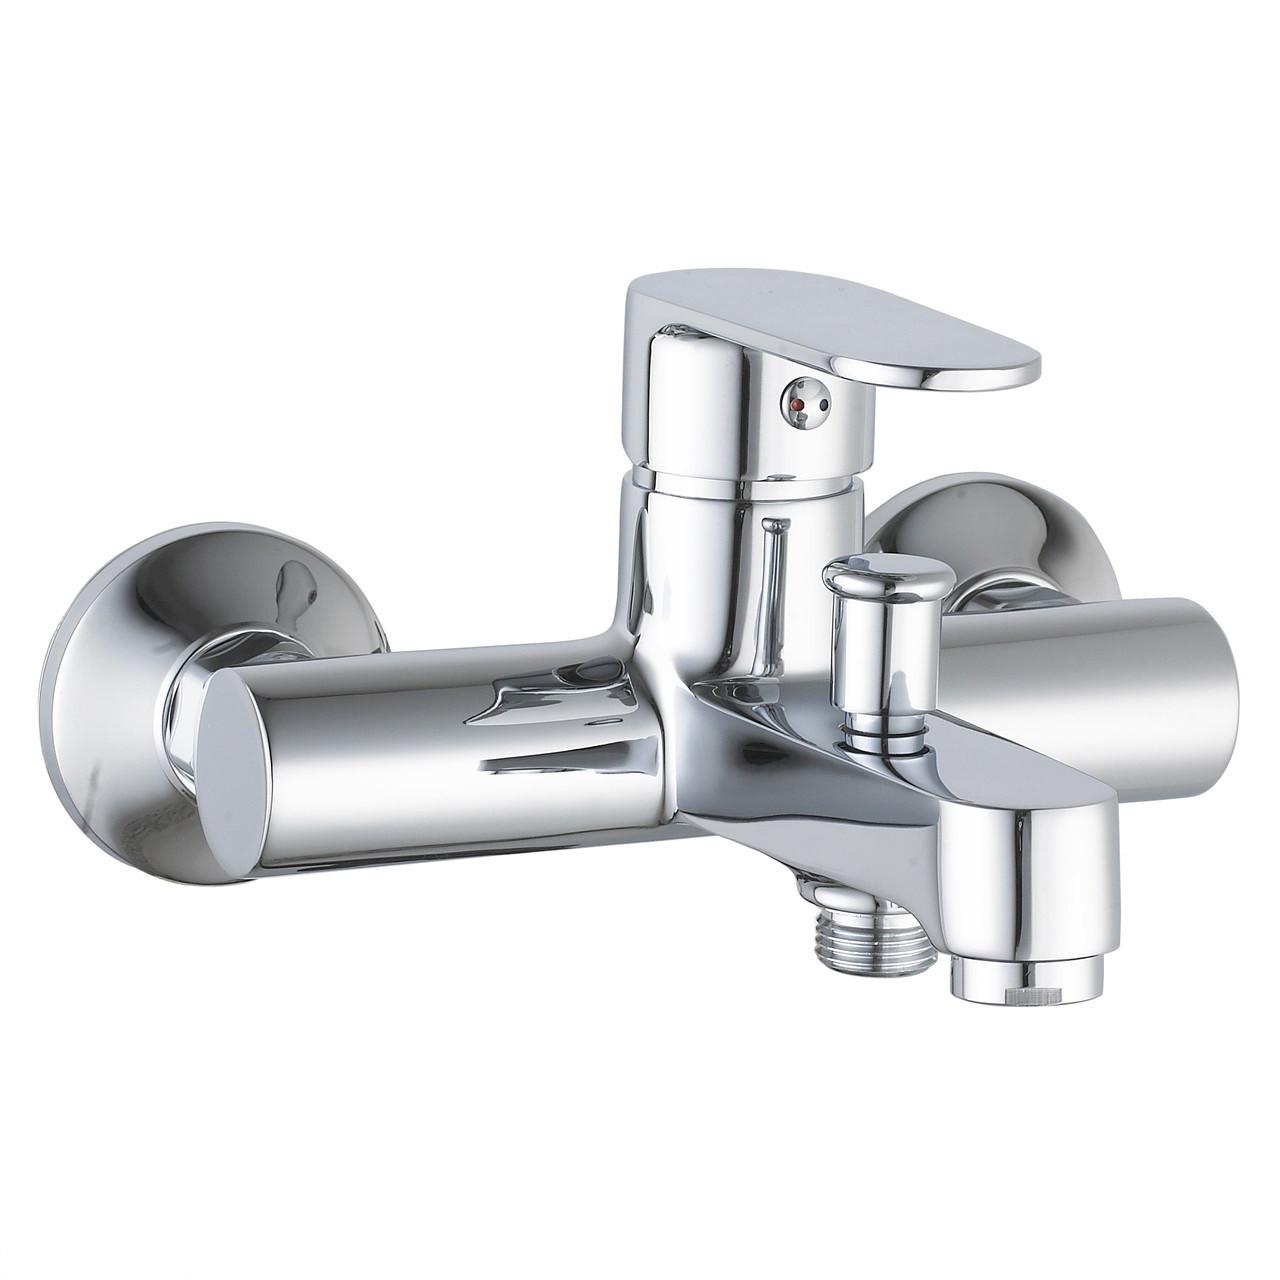 LESNA змішувач для ванни, хром, 35 мм